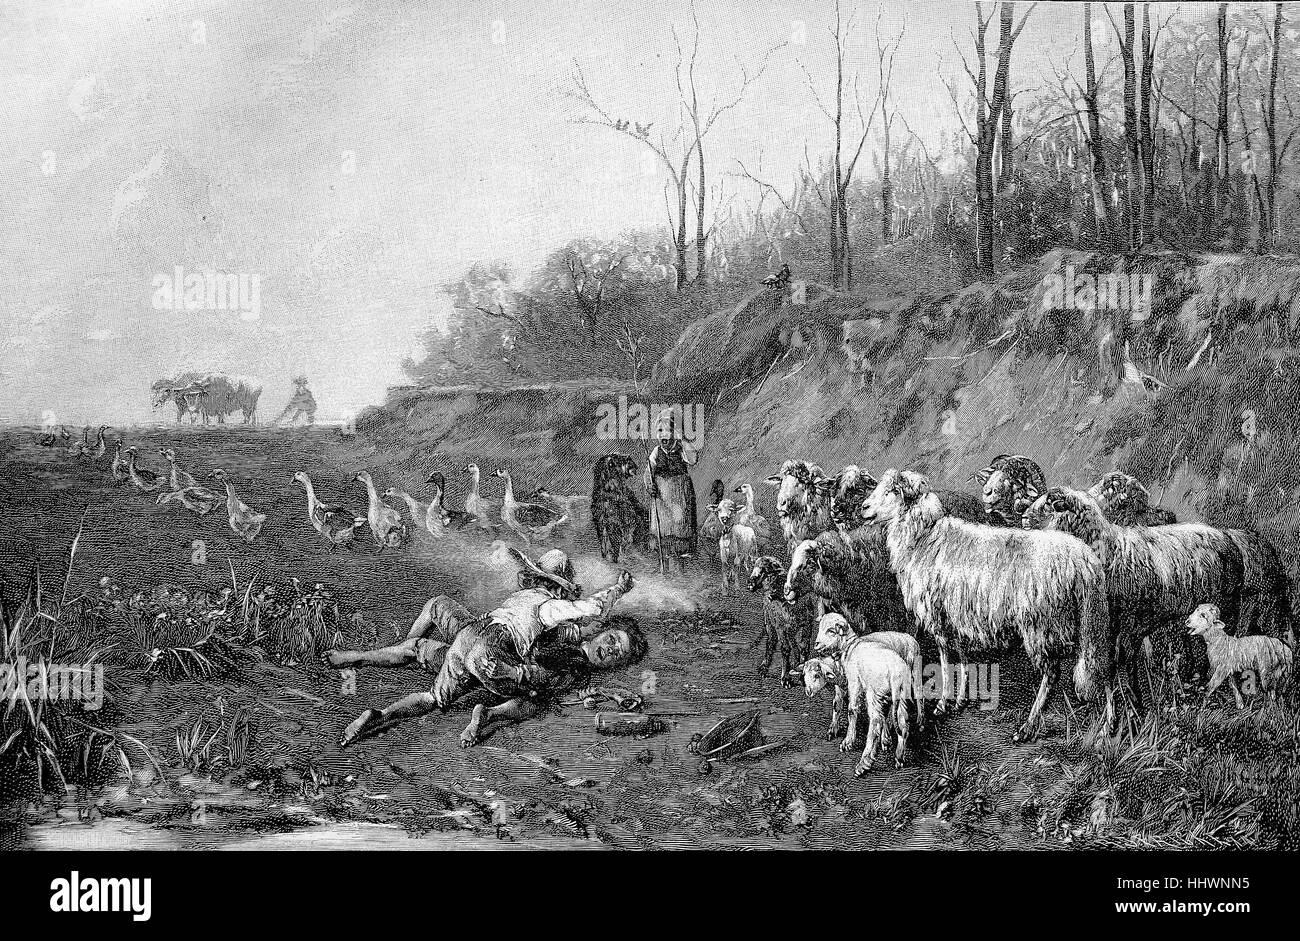 Los espectadores involuntarios, dos chicos están golpeando el uno al otro, una niña, ovejas y ocas está viendo, Foto de stock